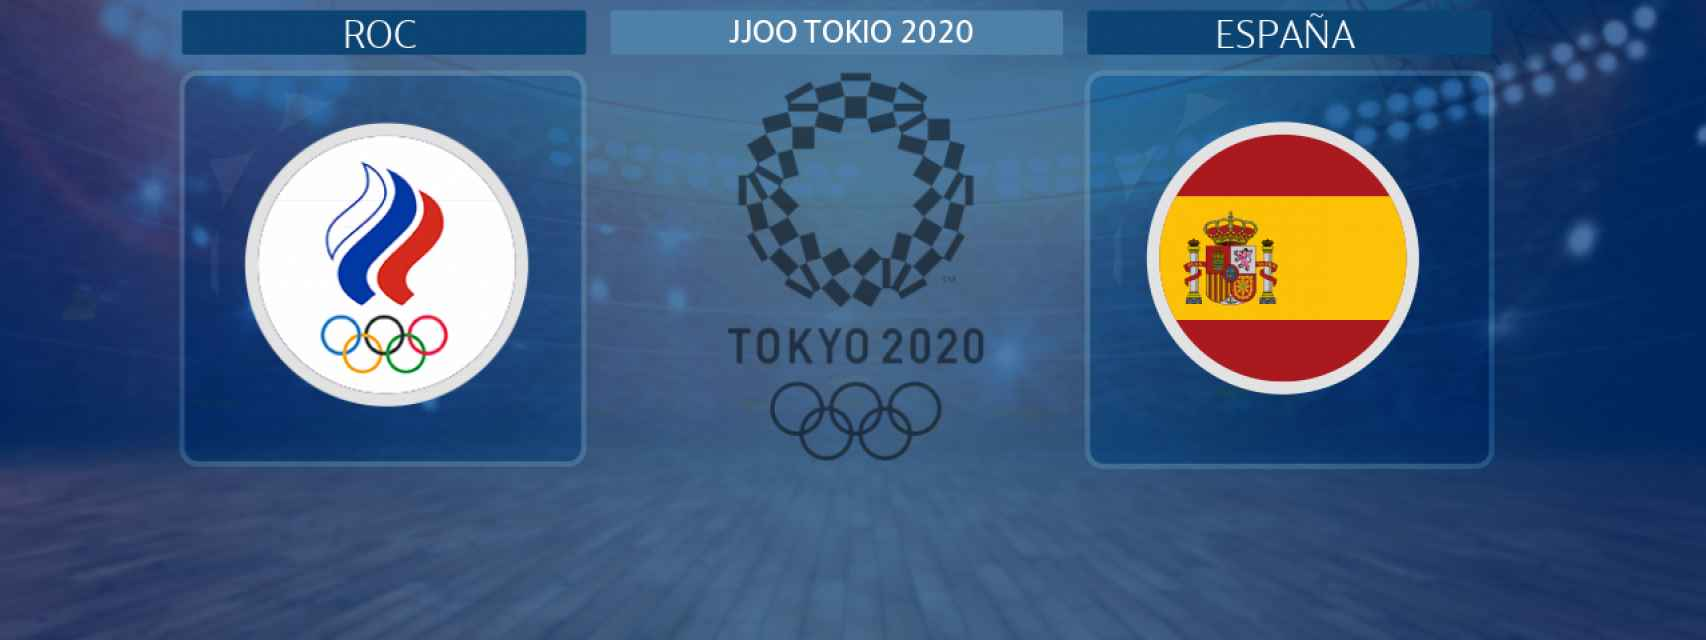 España - ROC, partido de balonmano femenino de los JJOO Tokio 2020